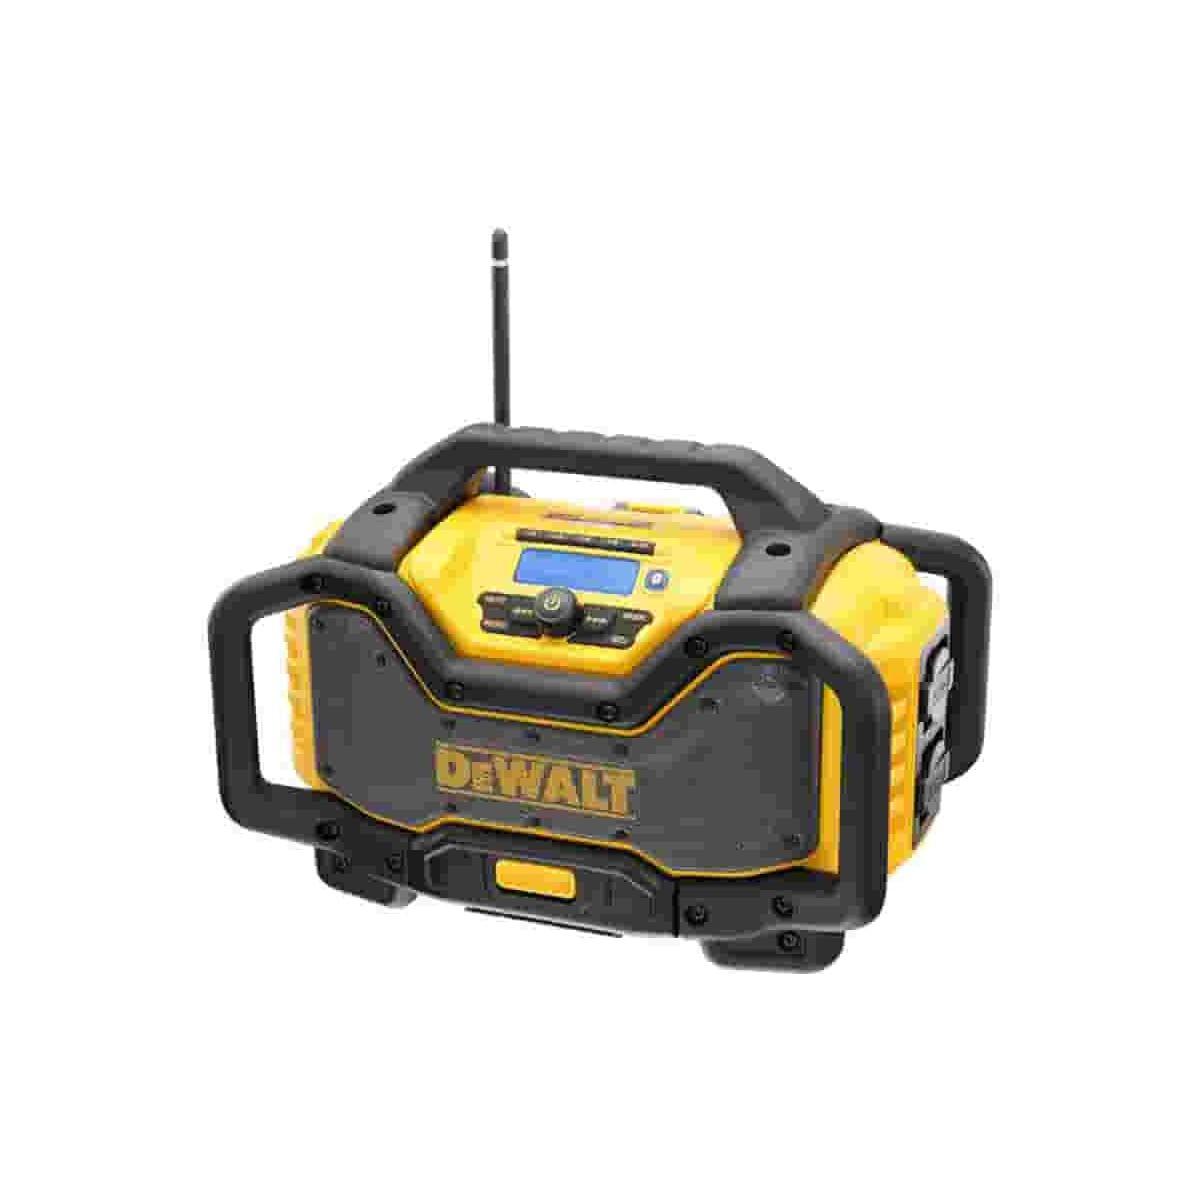 RADIO-ŁADOWARKA DCR027-QW DEWALT